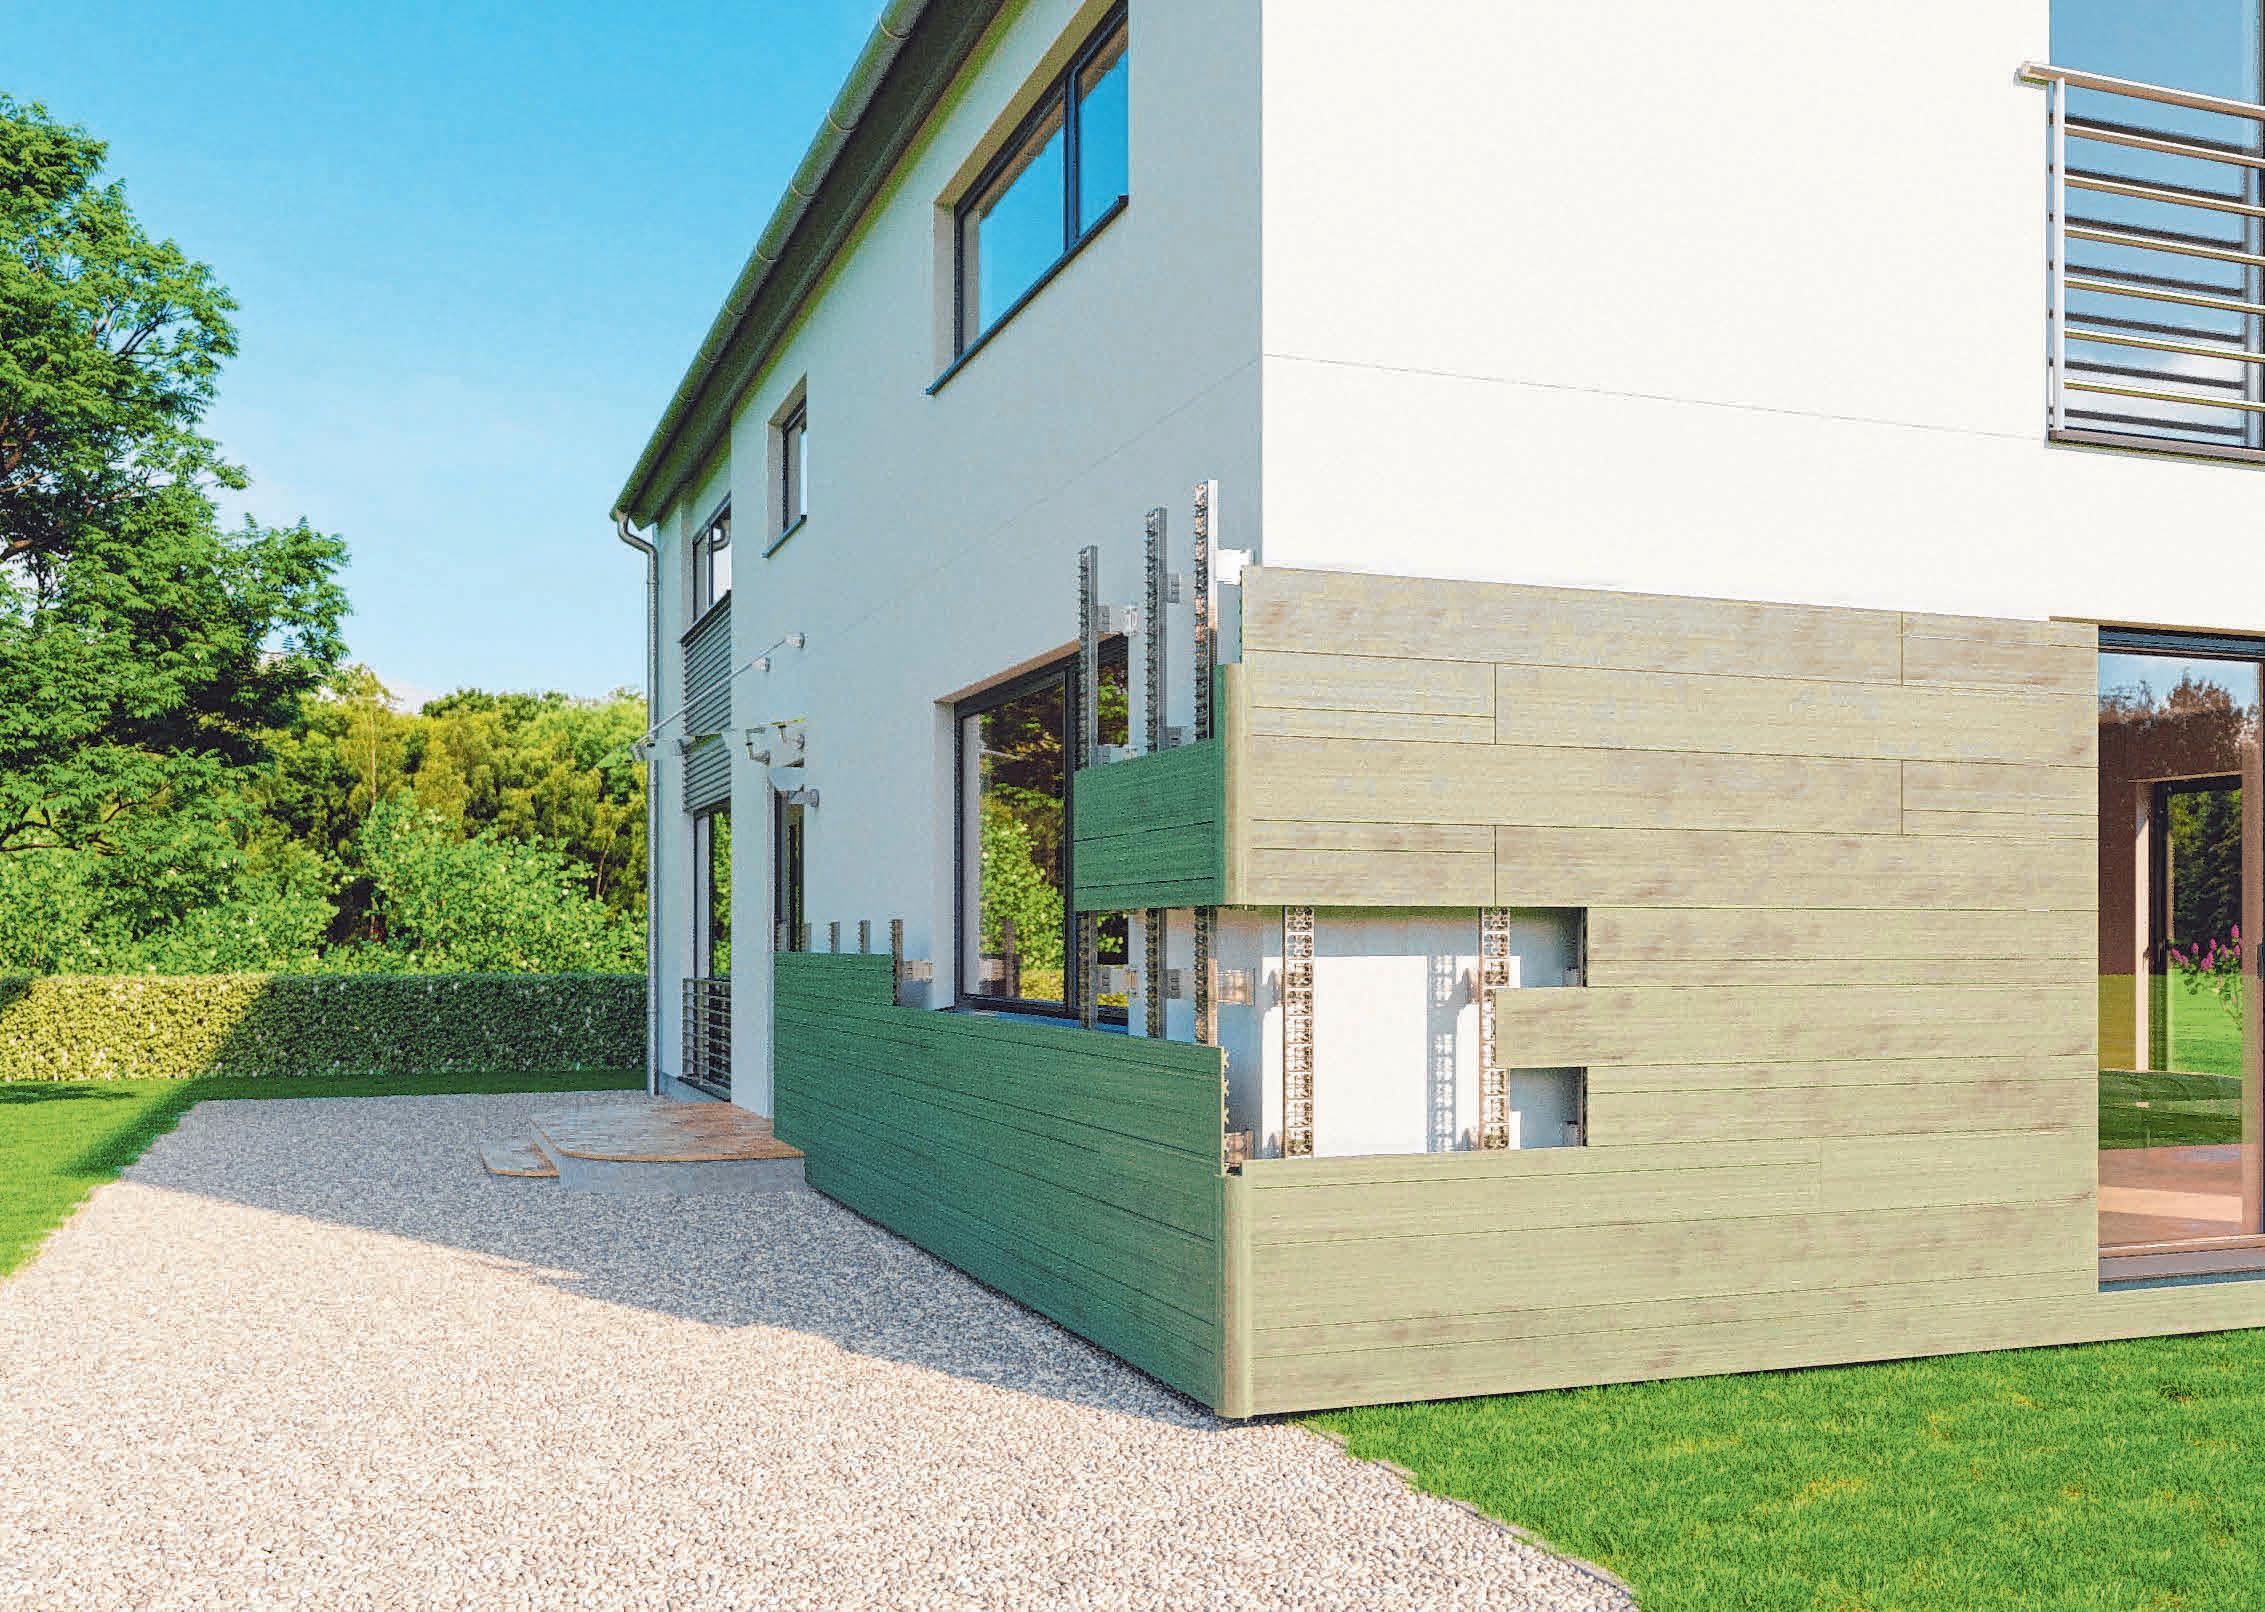 Dämmen und gleichzeitig die Optik des Eigenheims verschönern: Eine Holz-Faser-Fassade in hinterlüfteter Ausführung ermöglicht beides. FOTO:DJD/MEGAWOOD.COM